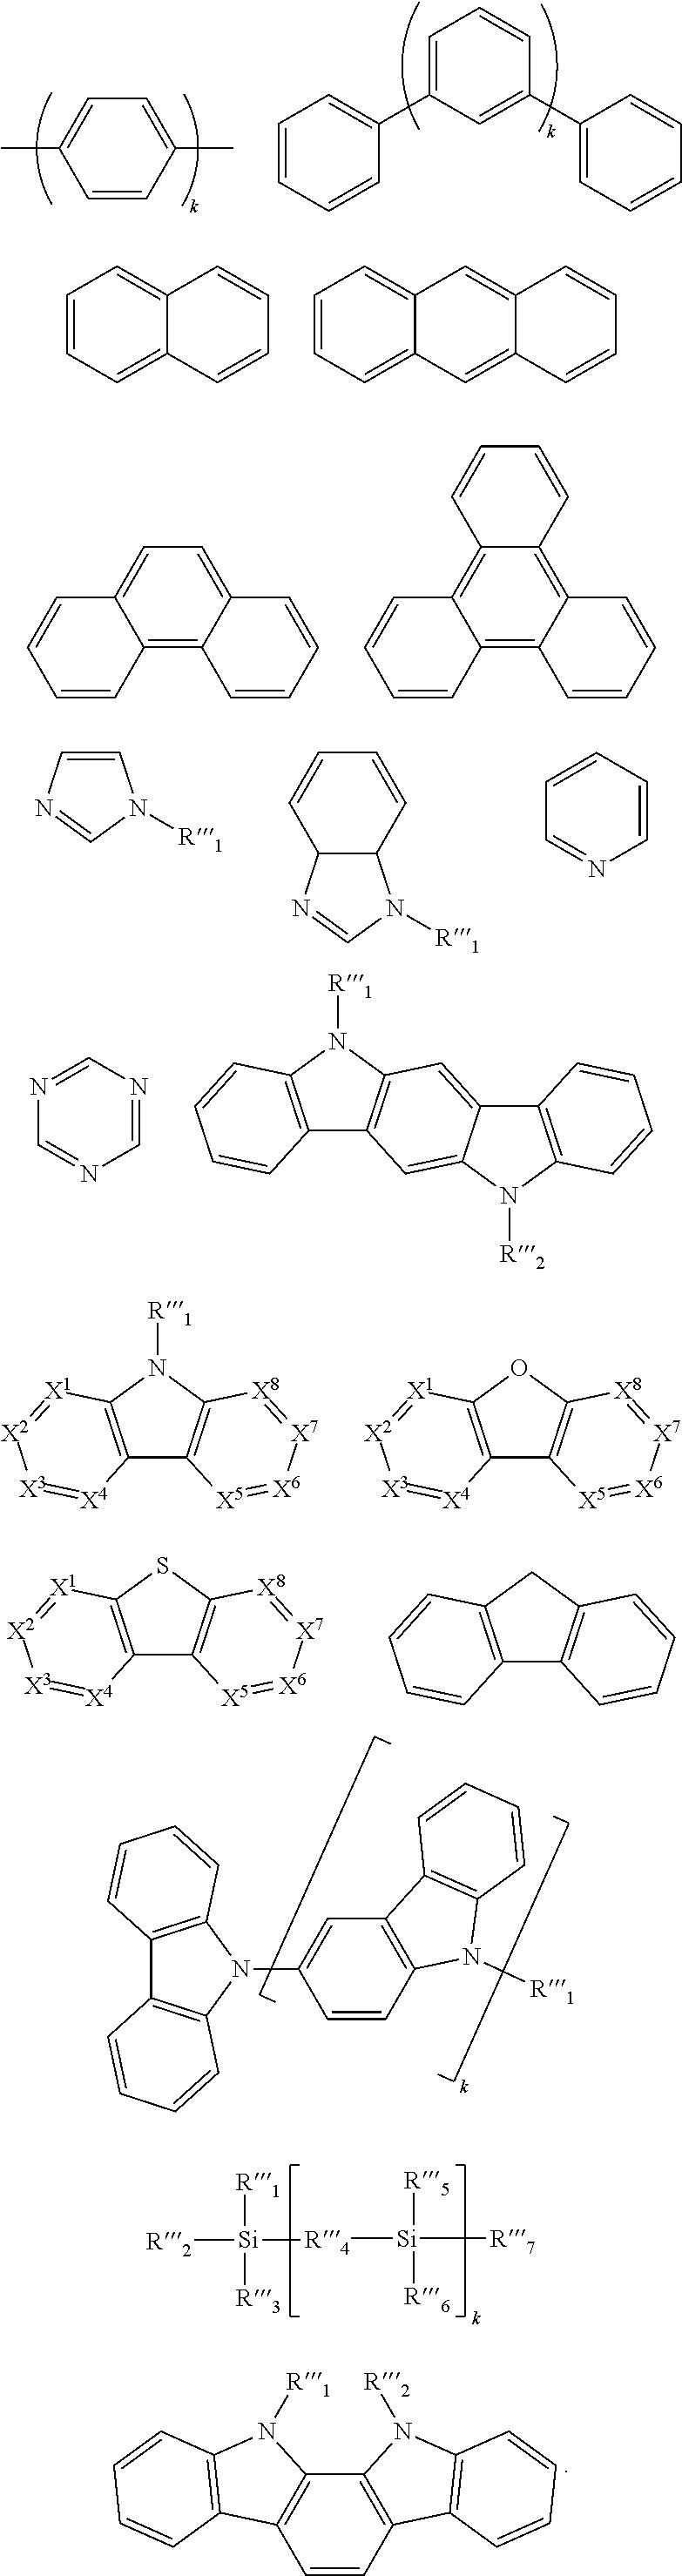 Figure US09972793-20180515-C00014